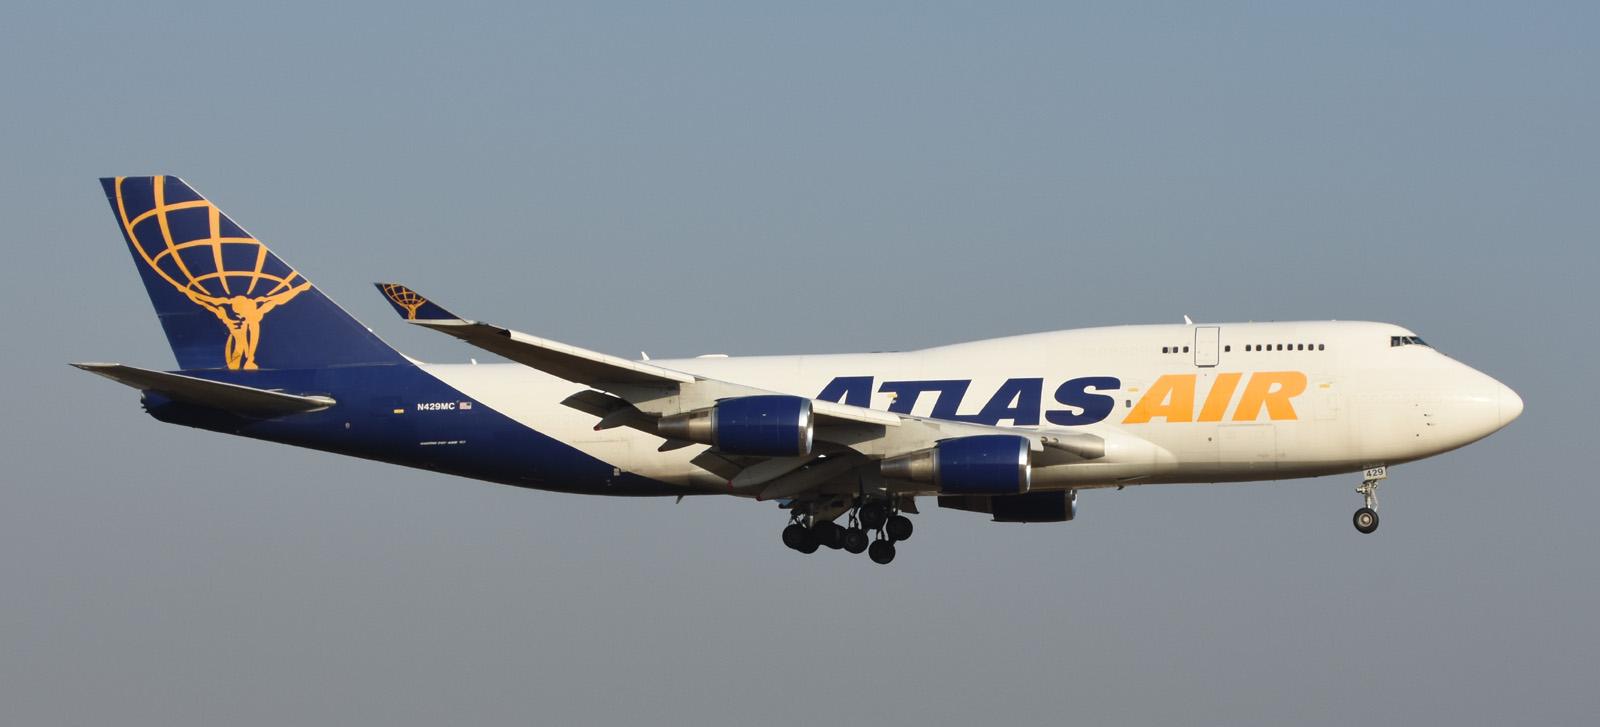 Atlas160105g631